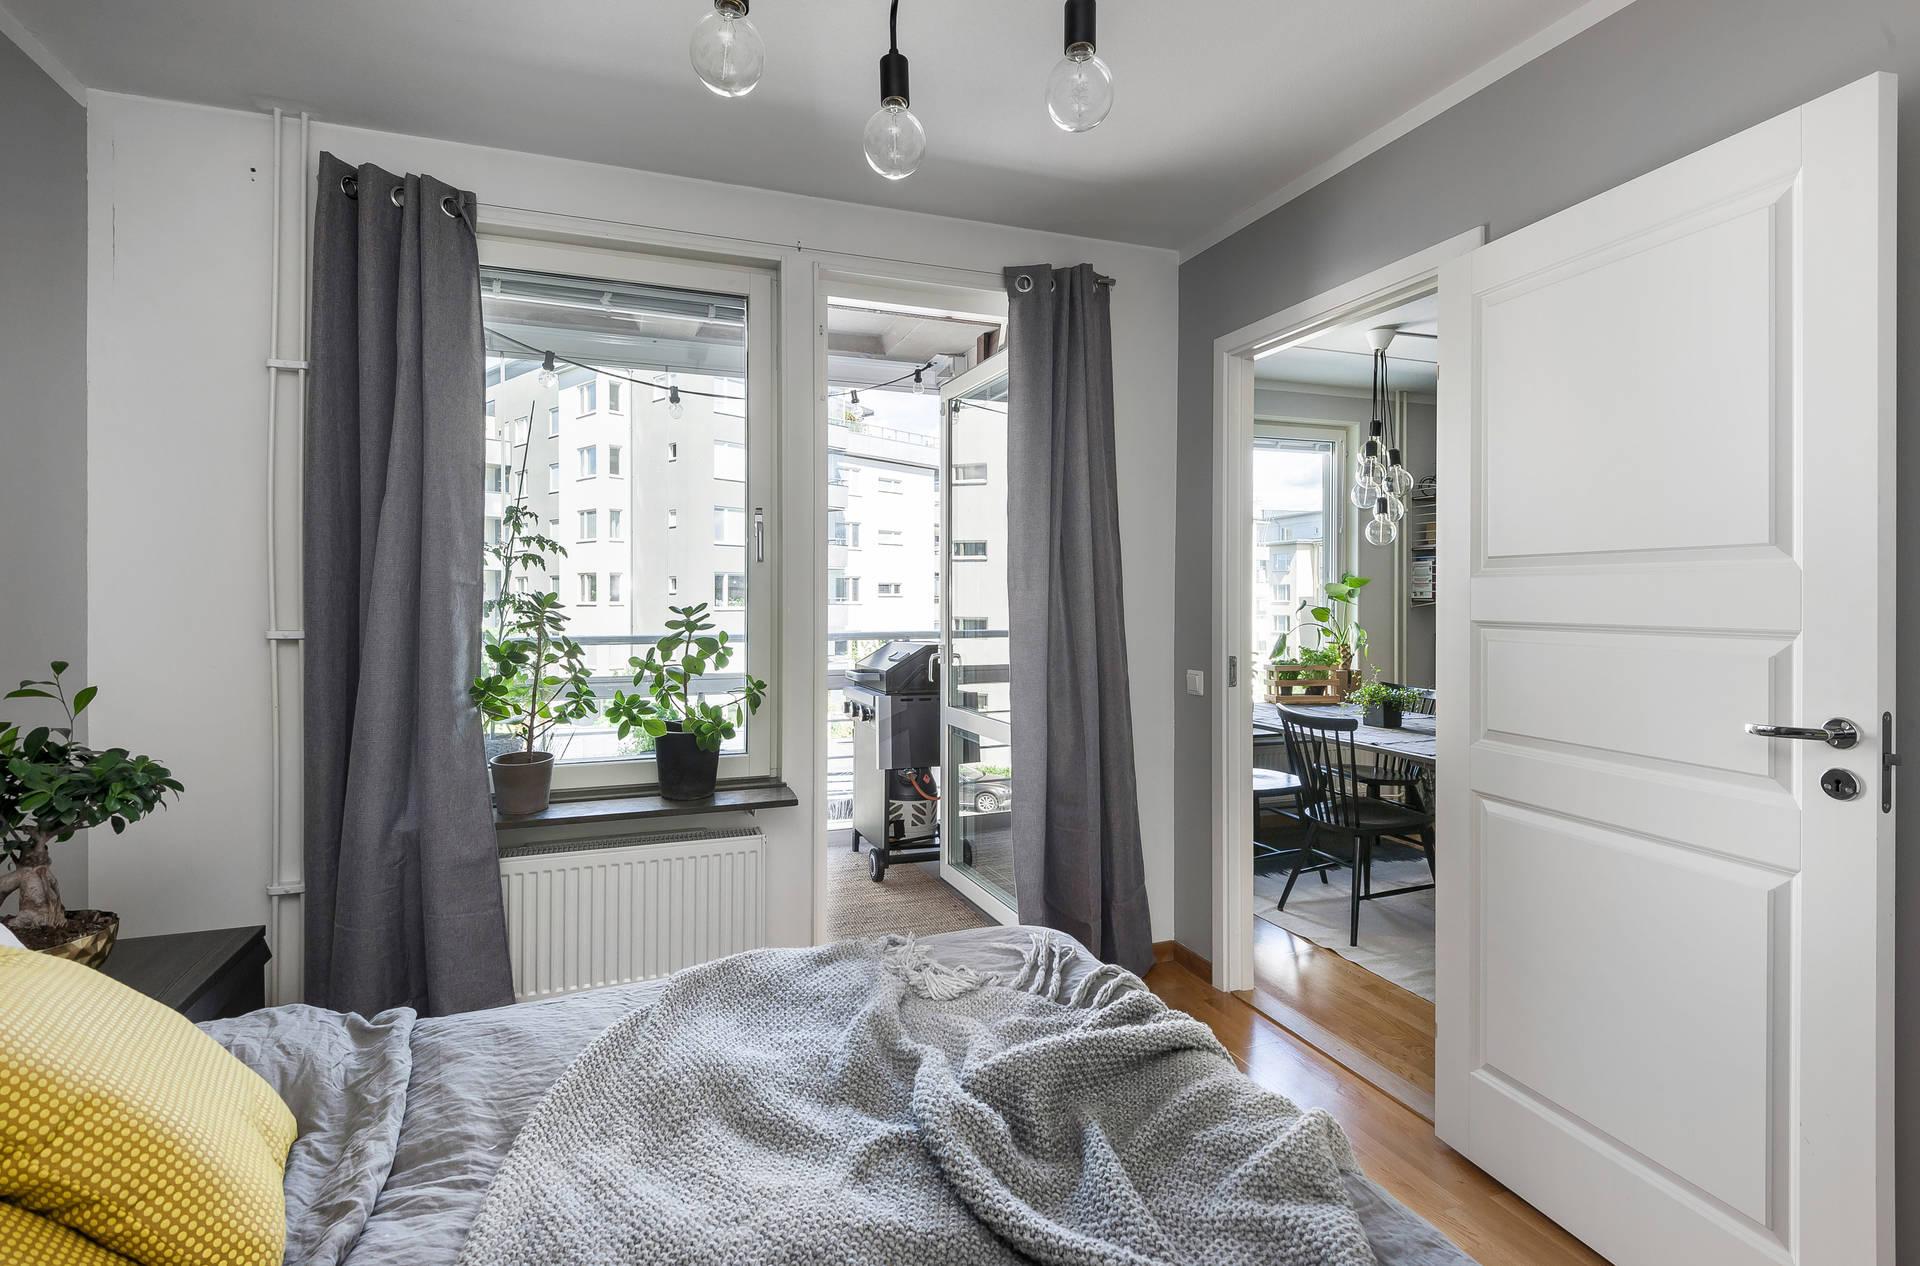 спальня окно выход на балкон дверь